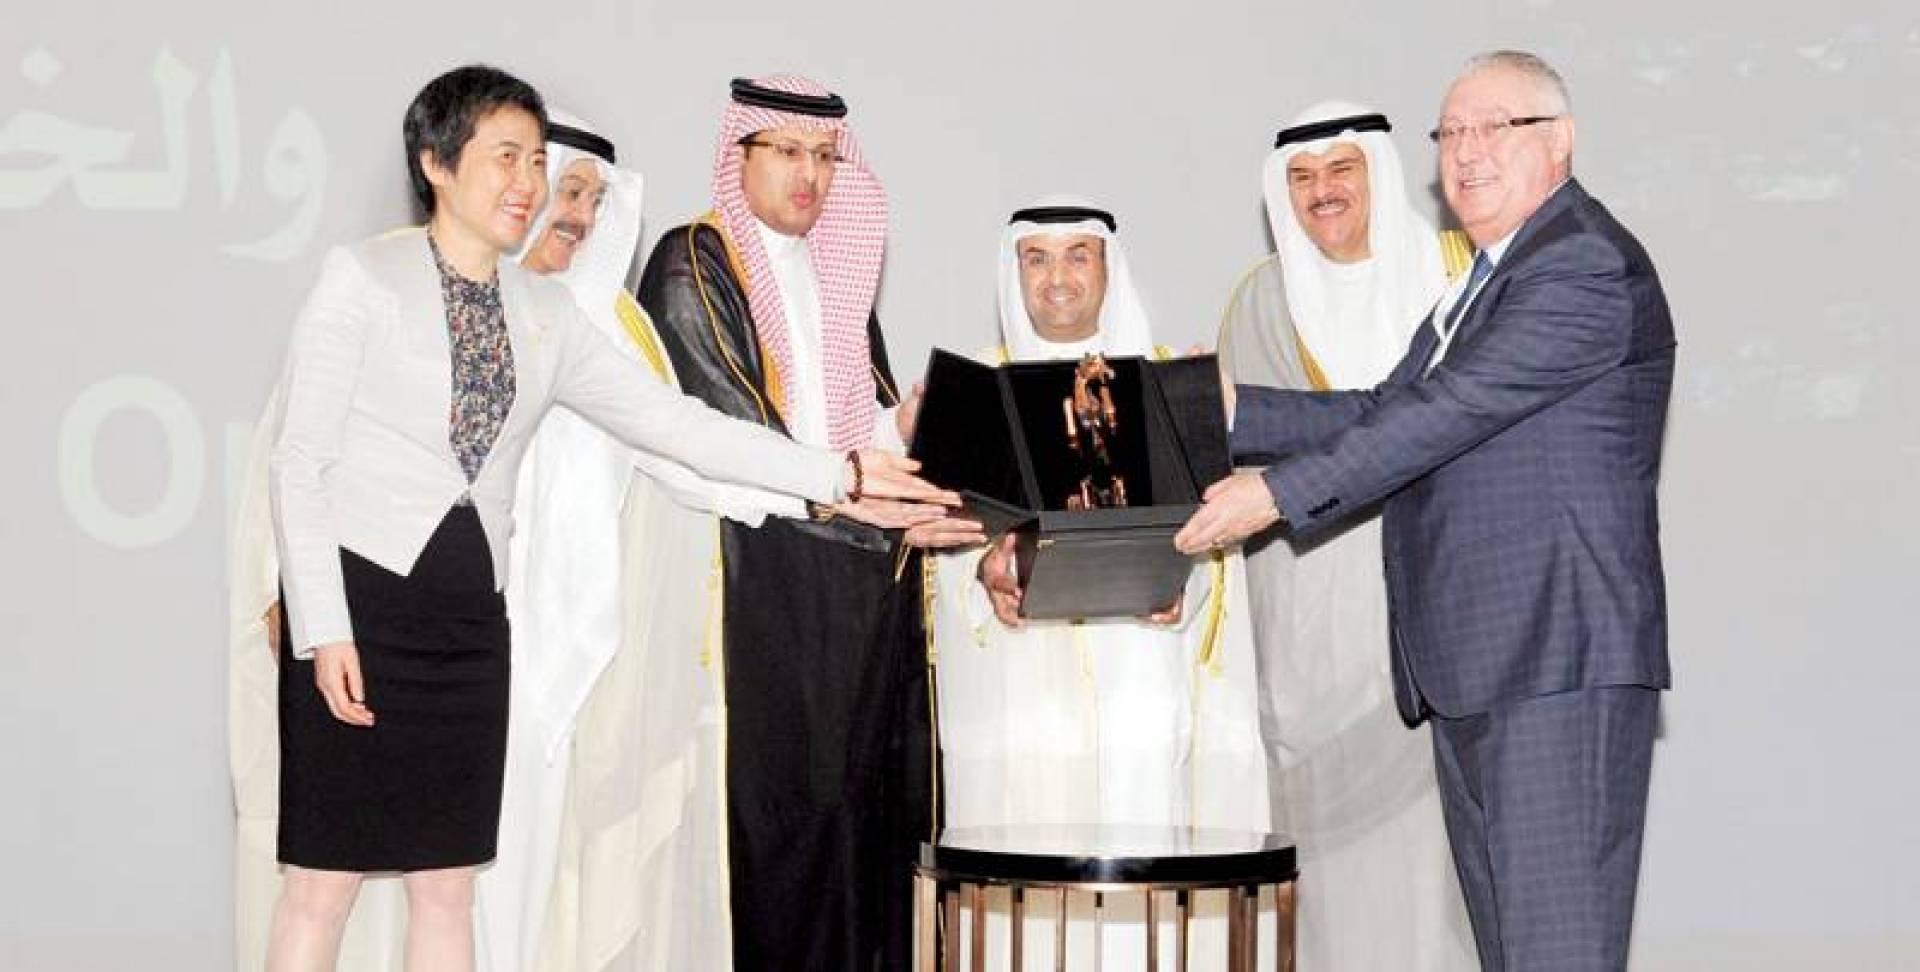 تكريم الاتحاد العربي للوزير الحجرف | تصوير أحمد سرور